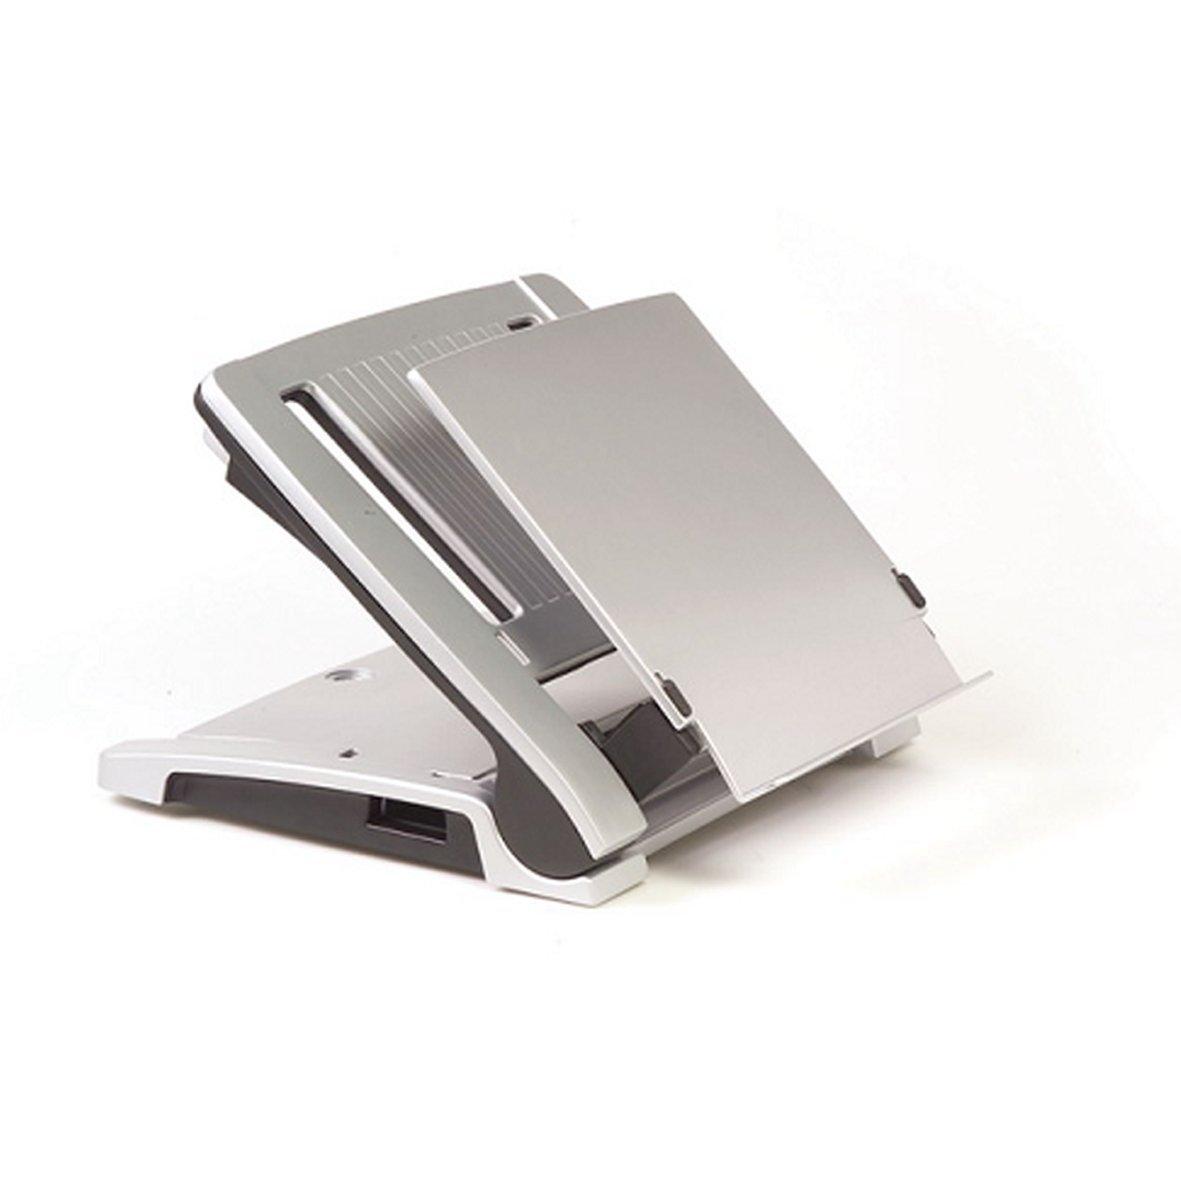 Targus Ergo D-Pro Notebook Stand Support pour ordinateur portable 17 argenté(e) - anthracite